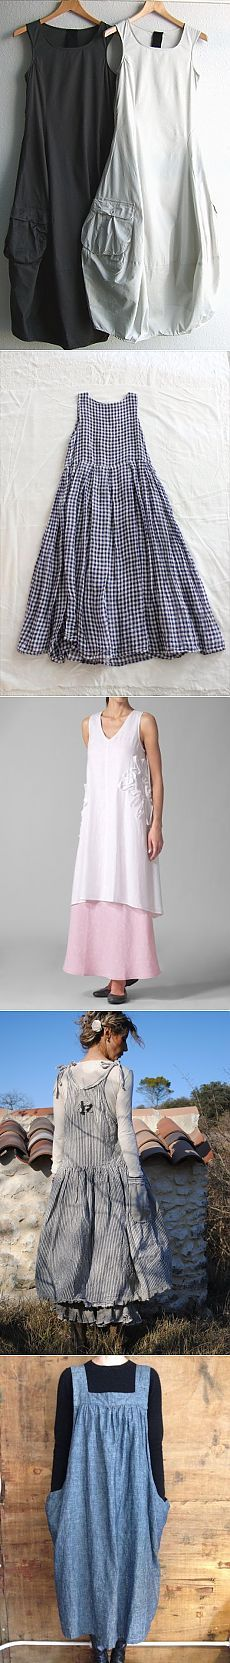 Бохо сарафаны, или идея для вашего бохо платья